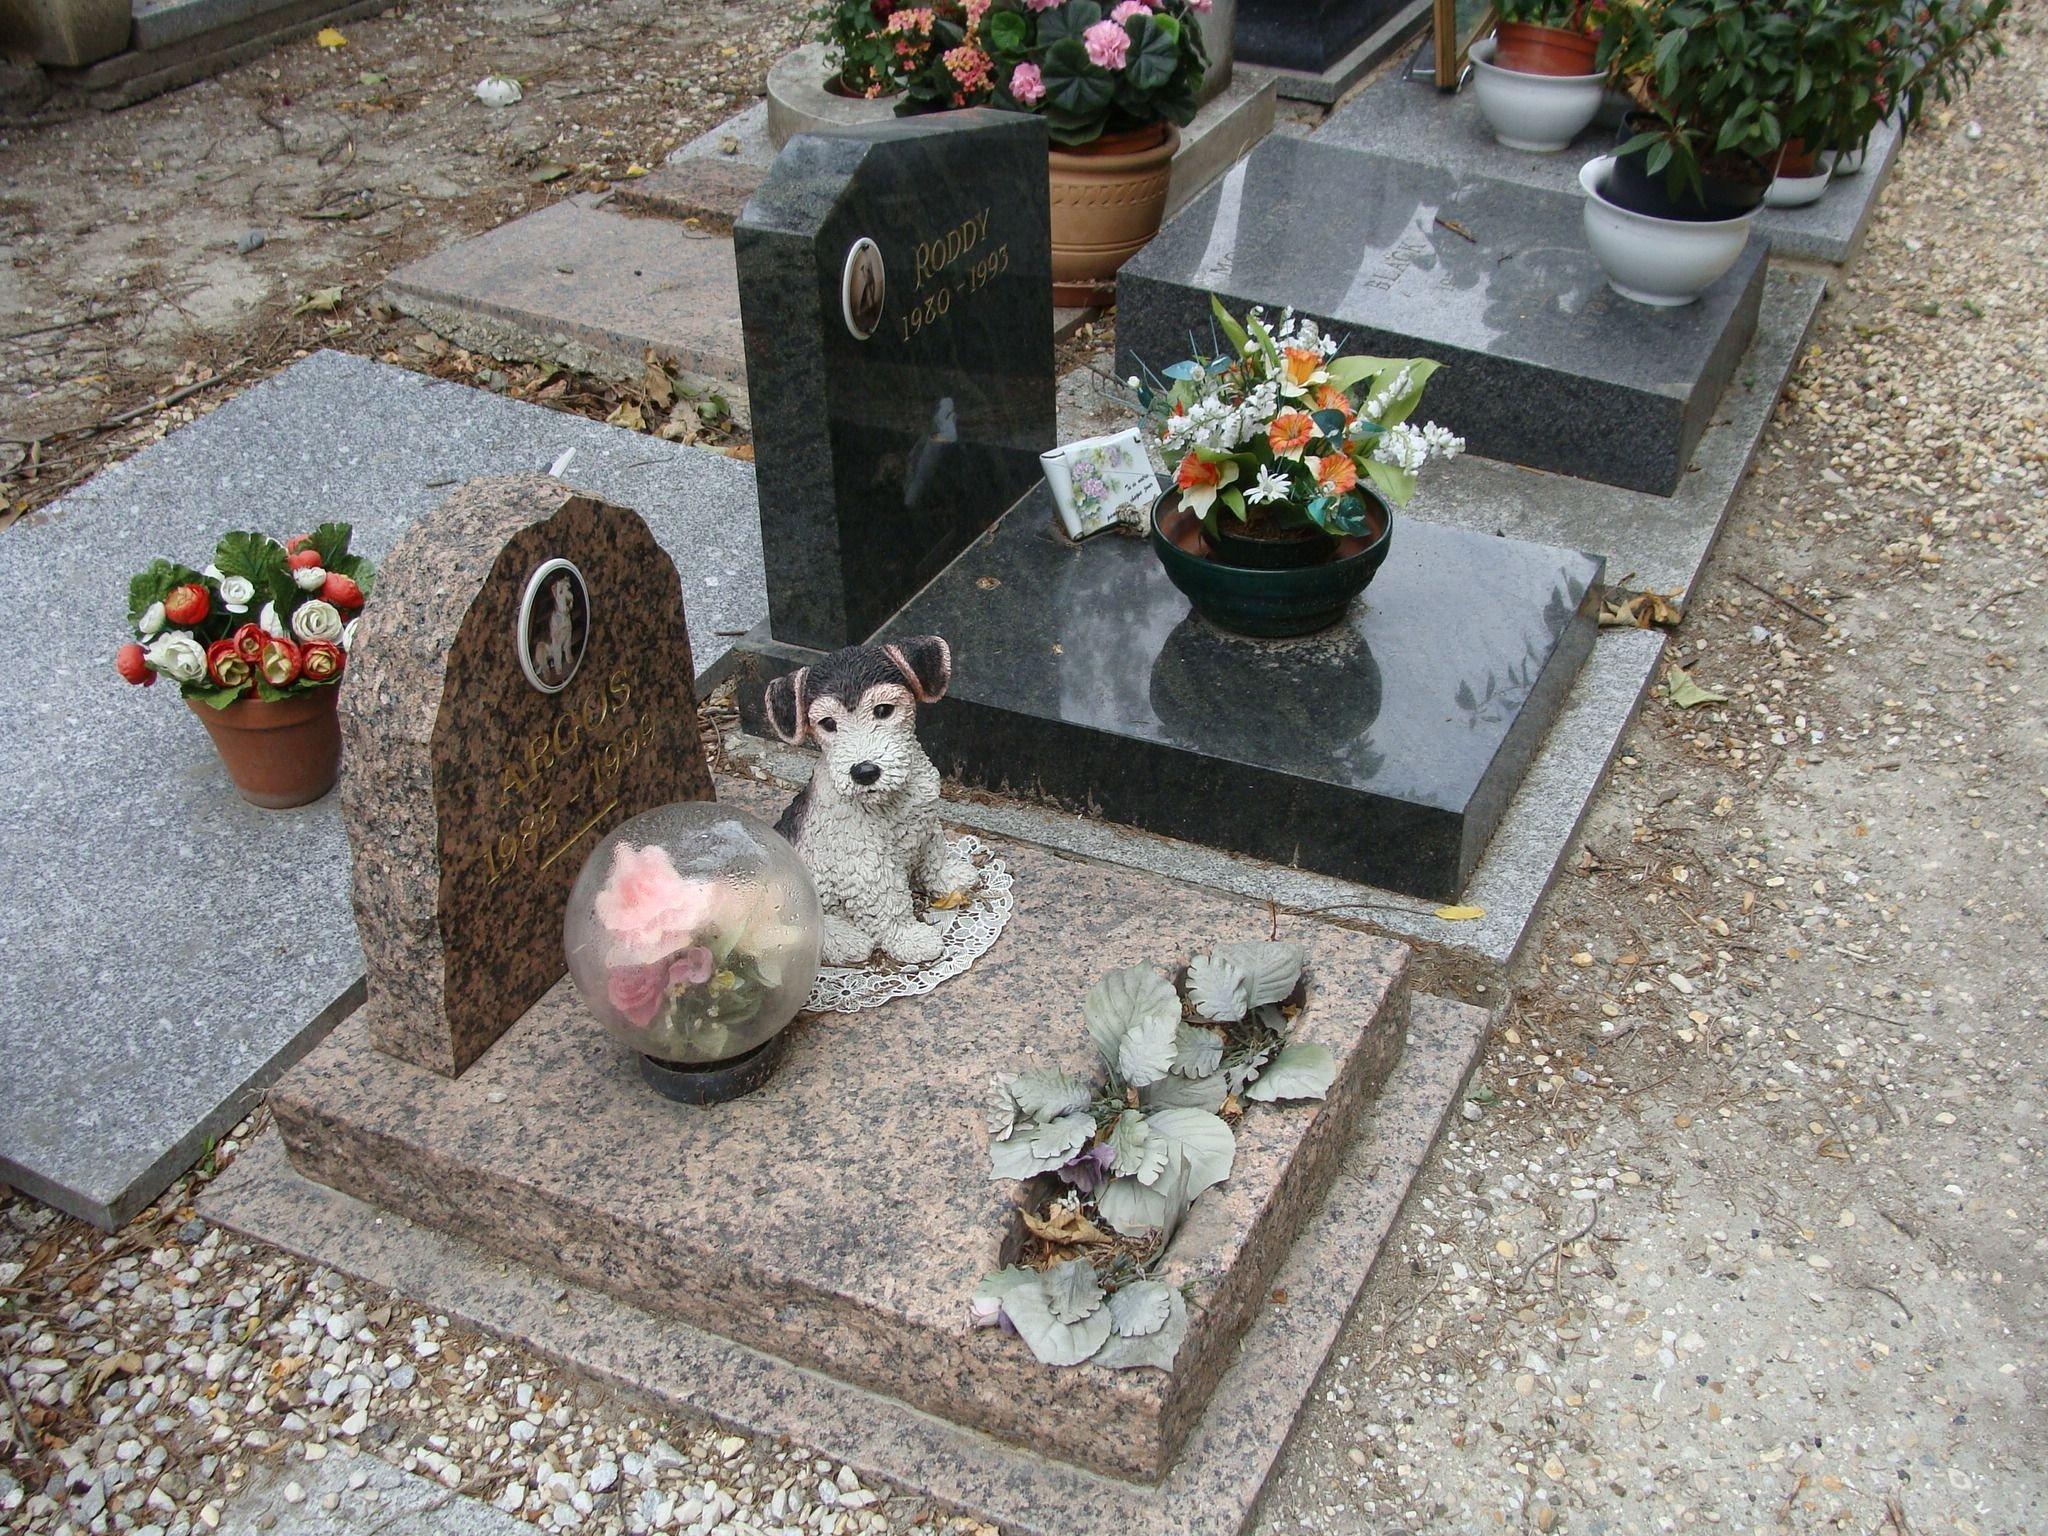 мороках том, можно ли хоронить собак на человеческом кладбище личных